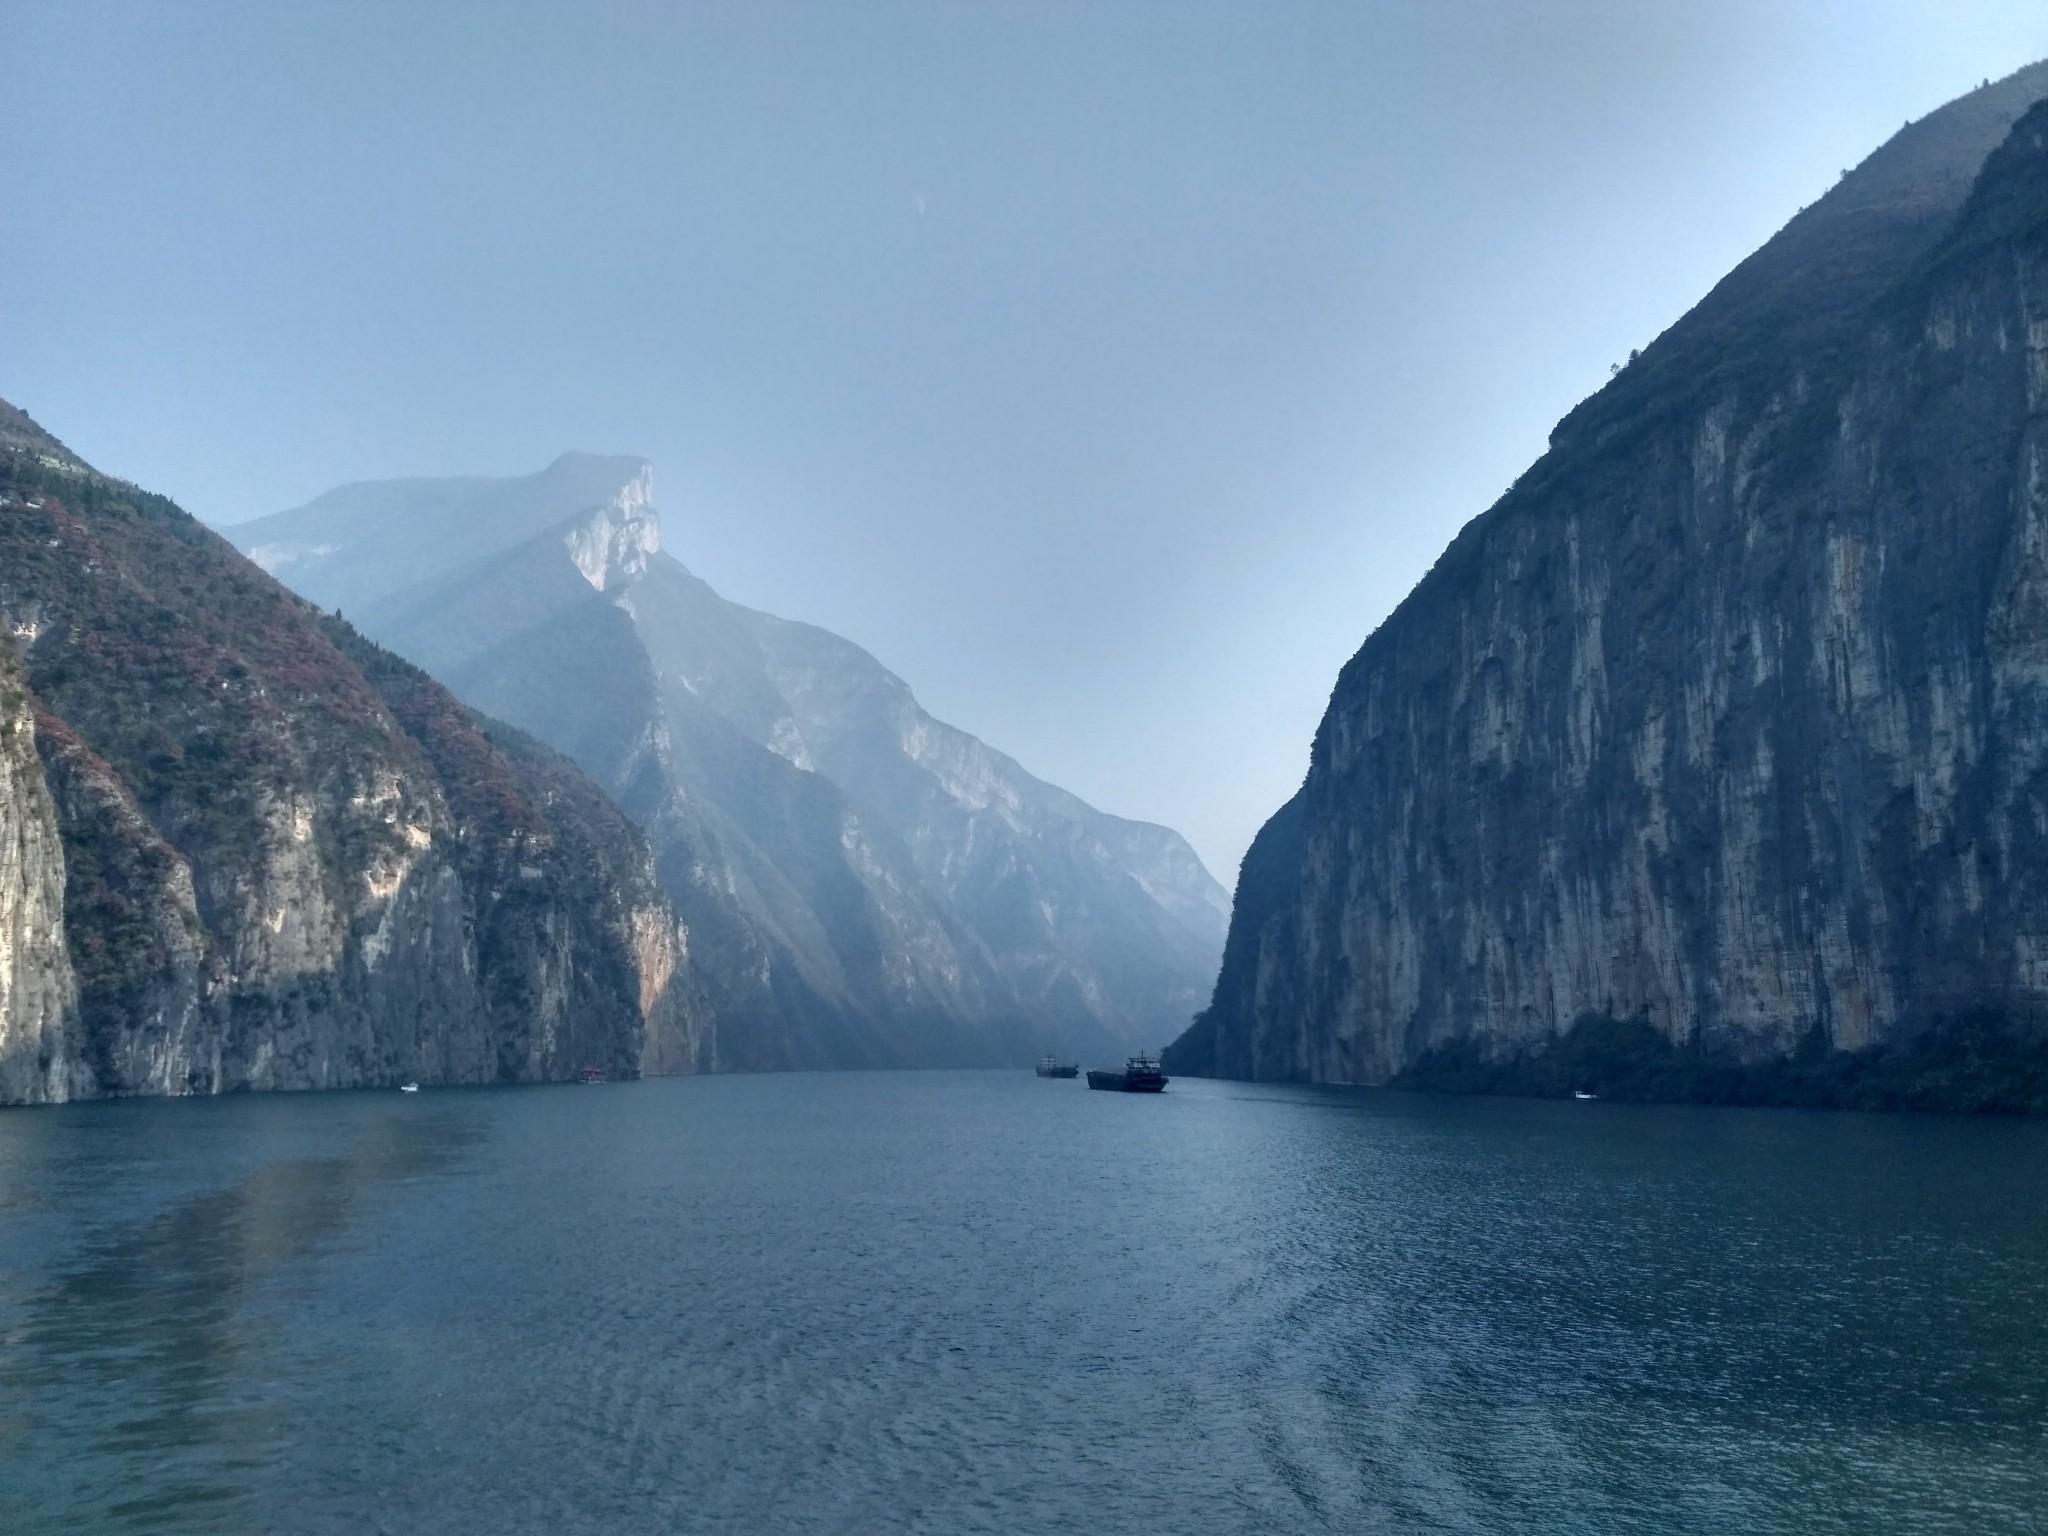 壁纸 风景 山水 摄影 桌面 2048_1536